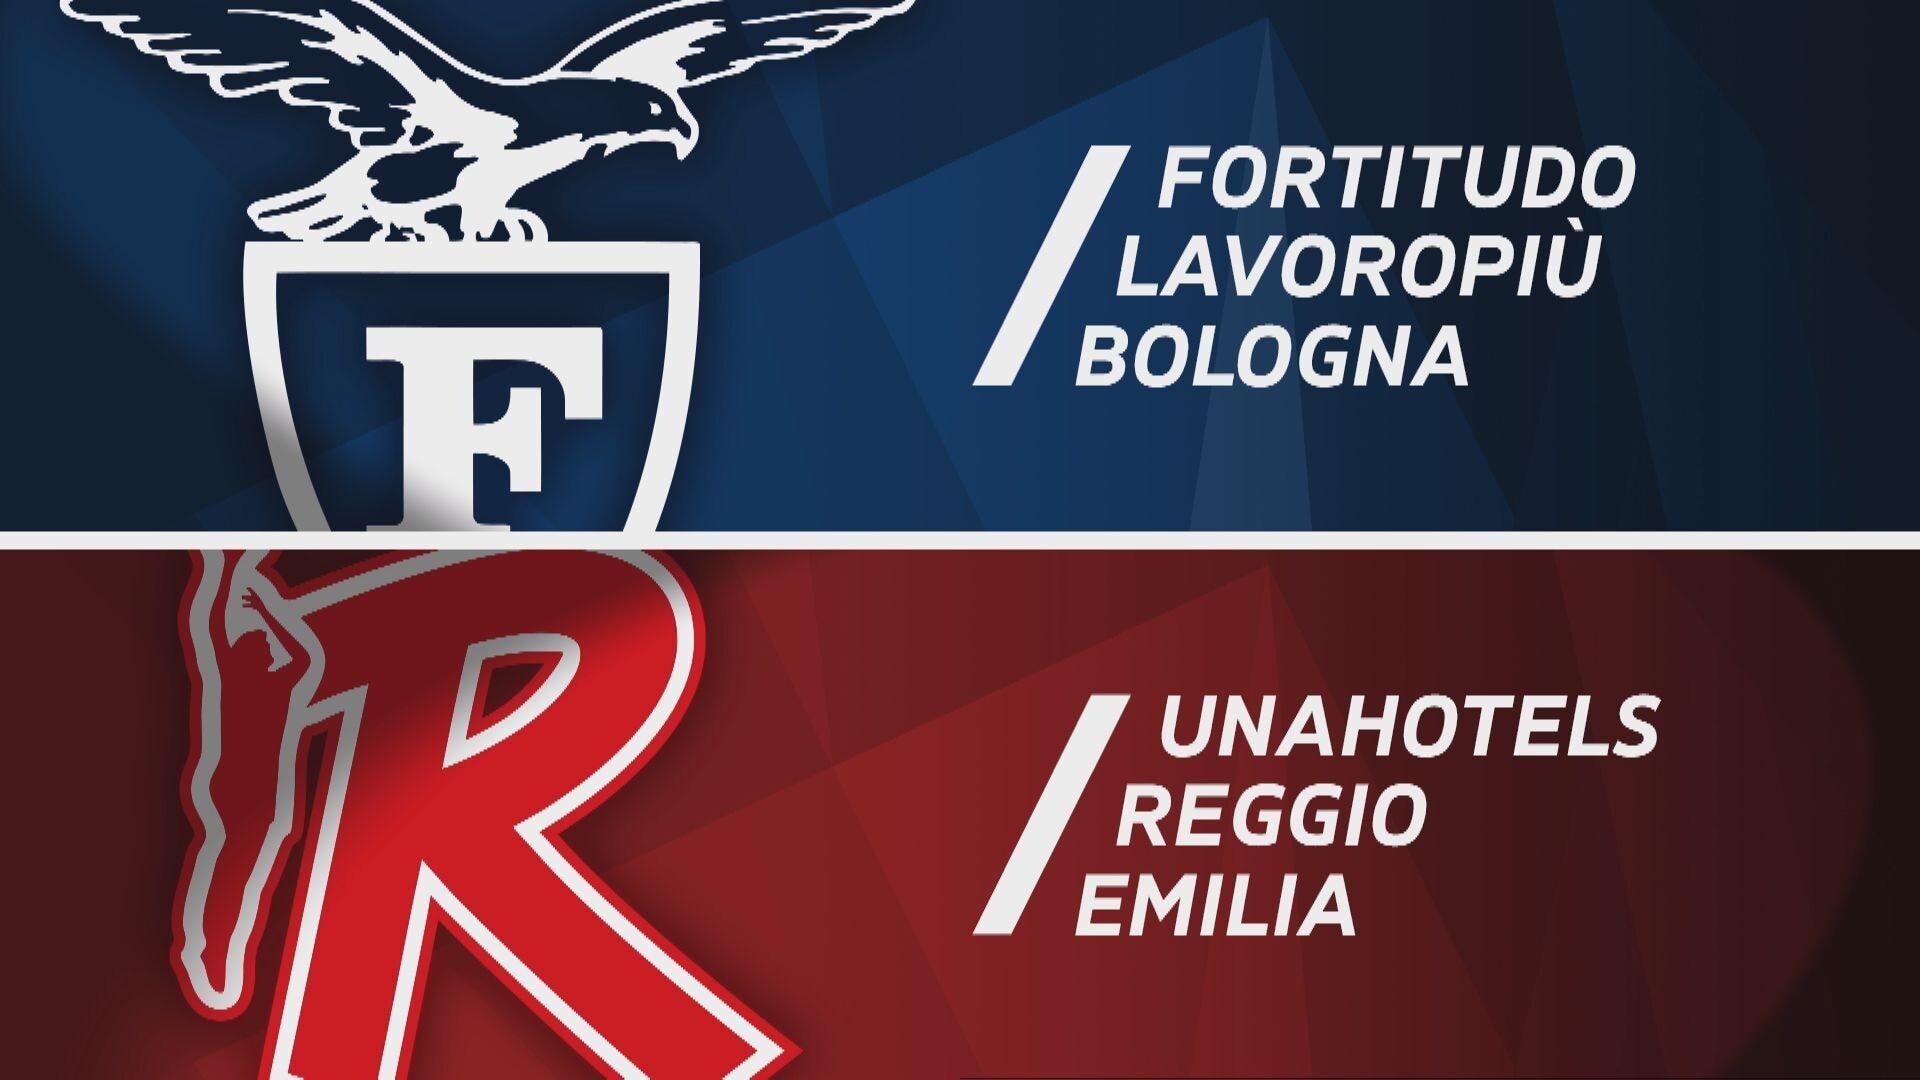 Fortitudo Lavoropiù Bologna - UNAHOTELS Reggio Emilia 71-68